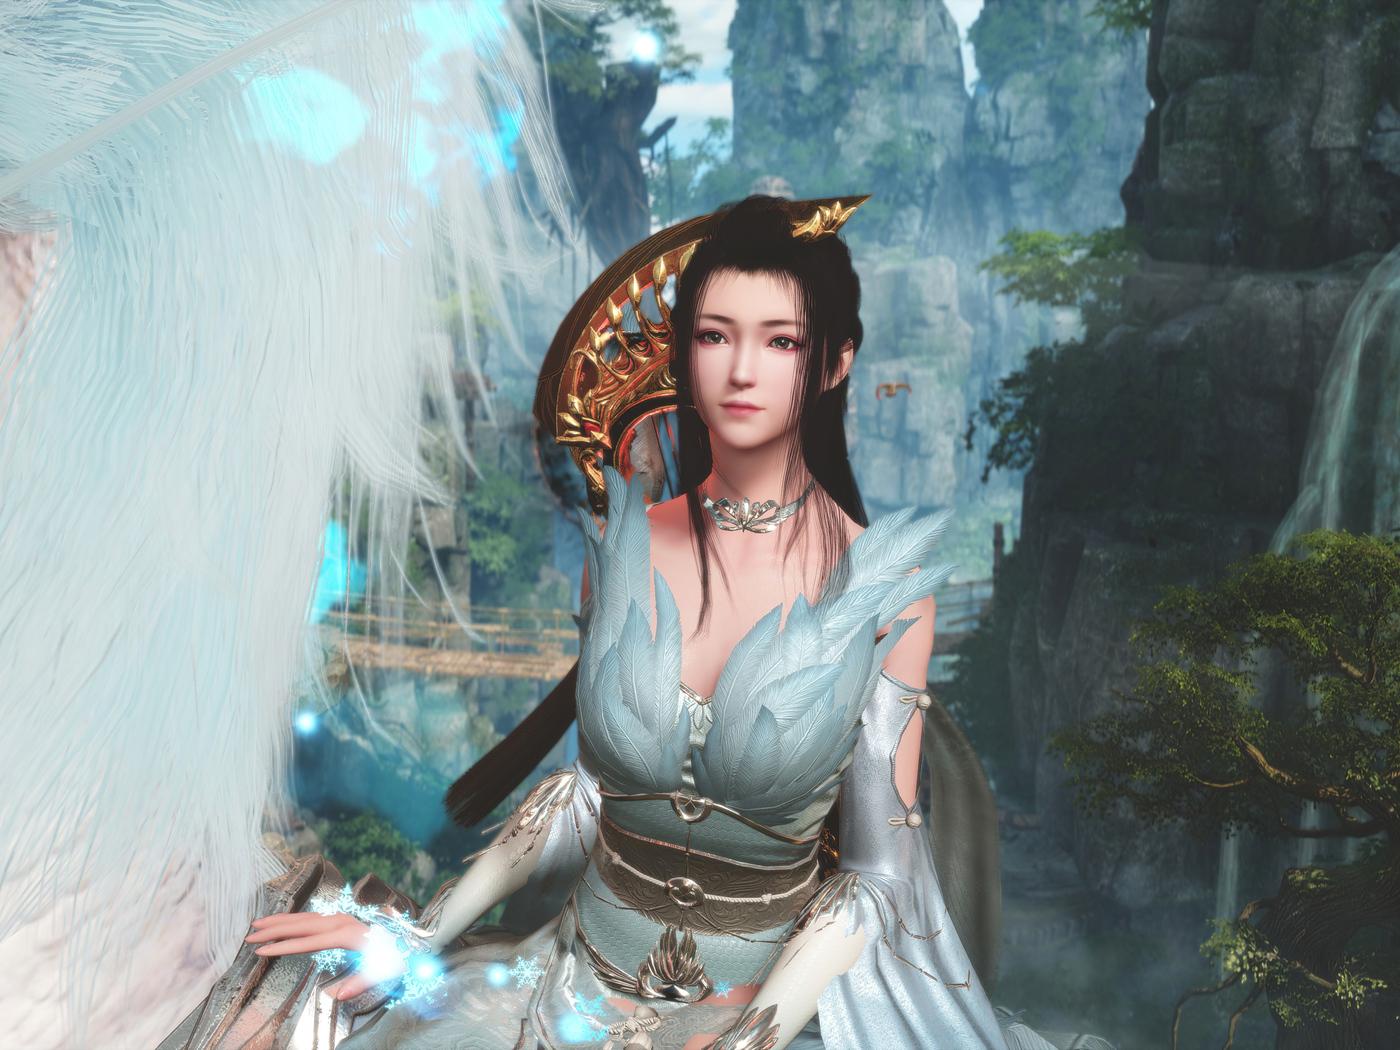 swords-of-legends-online-7k.jpg